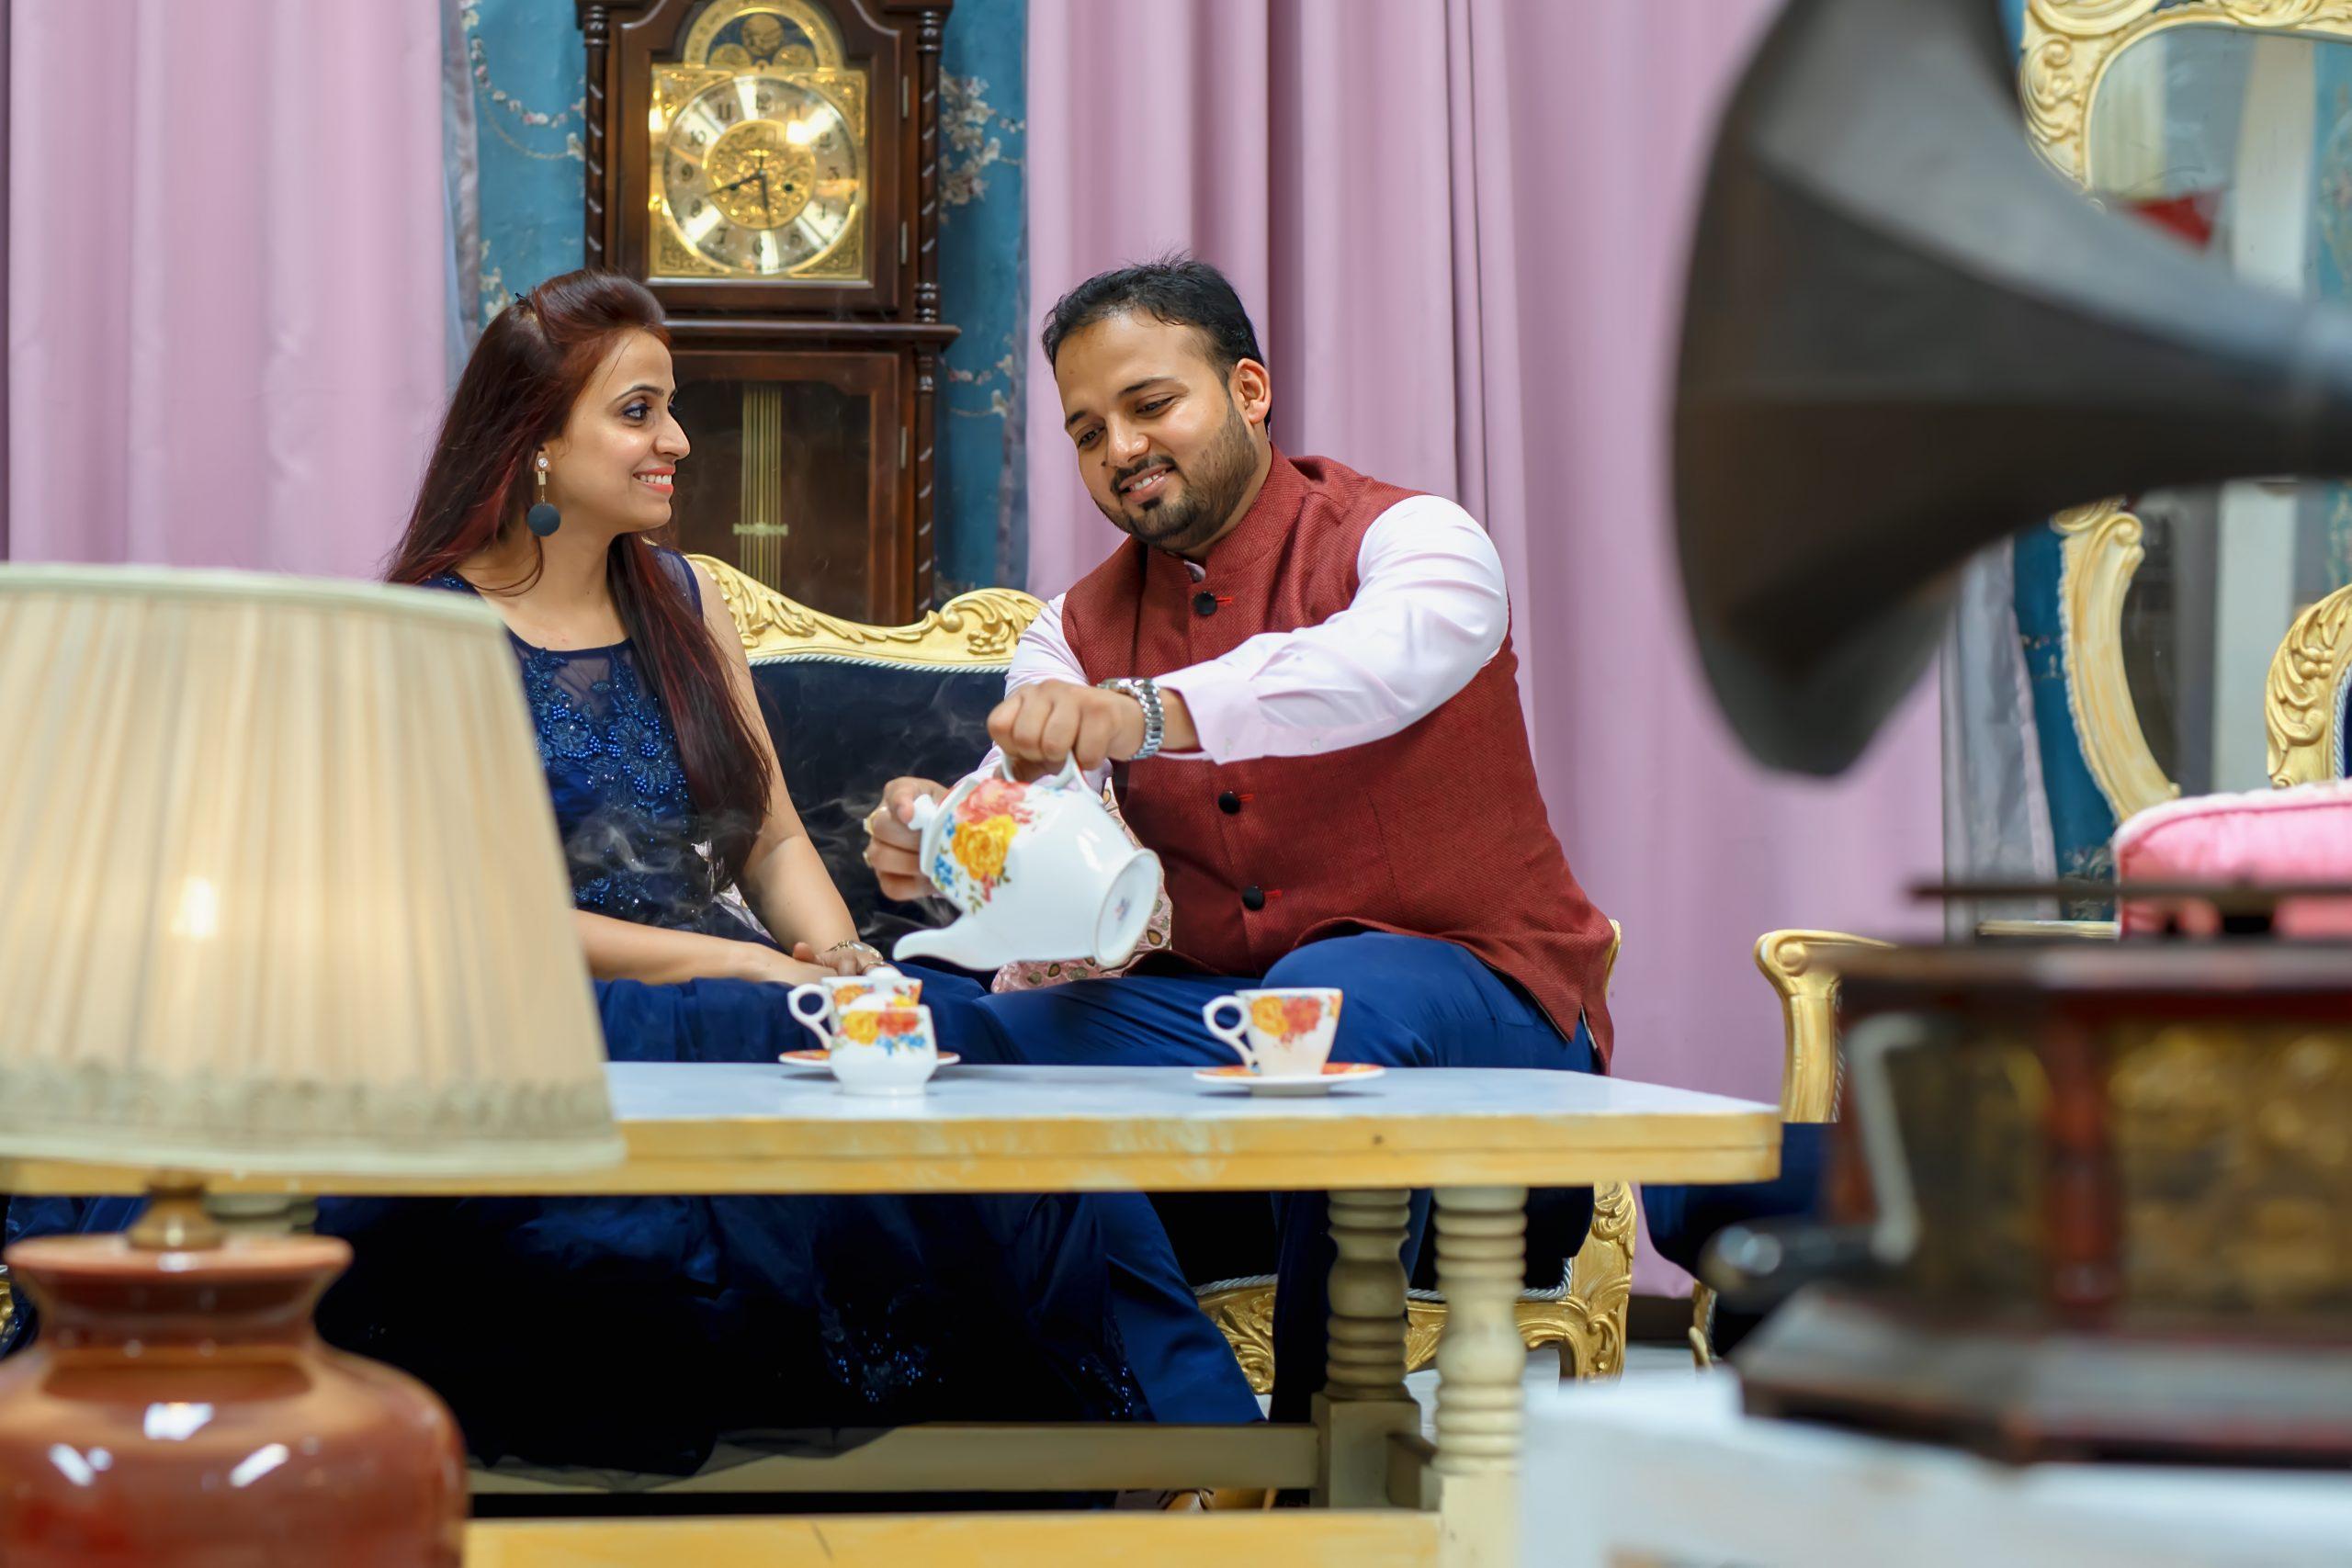 A couple taking tea